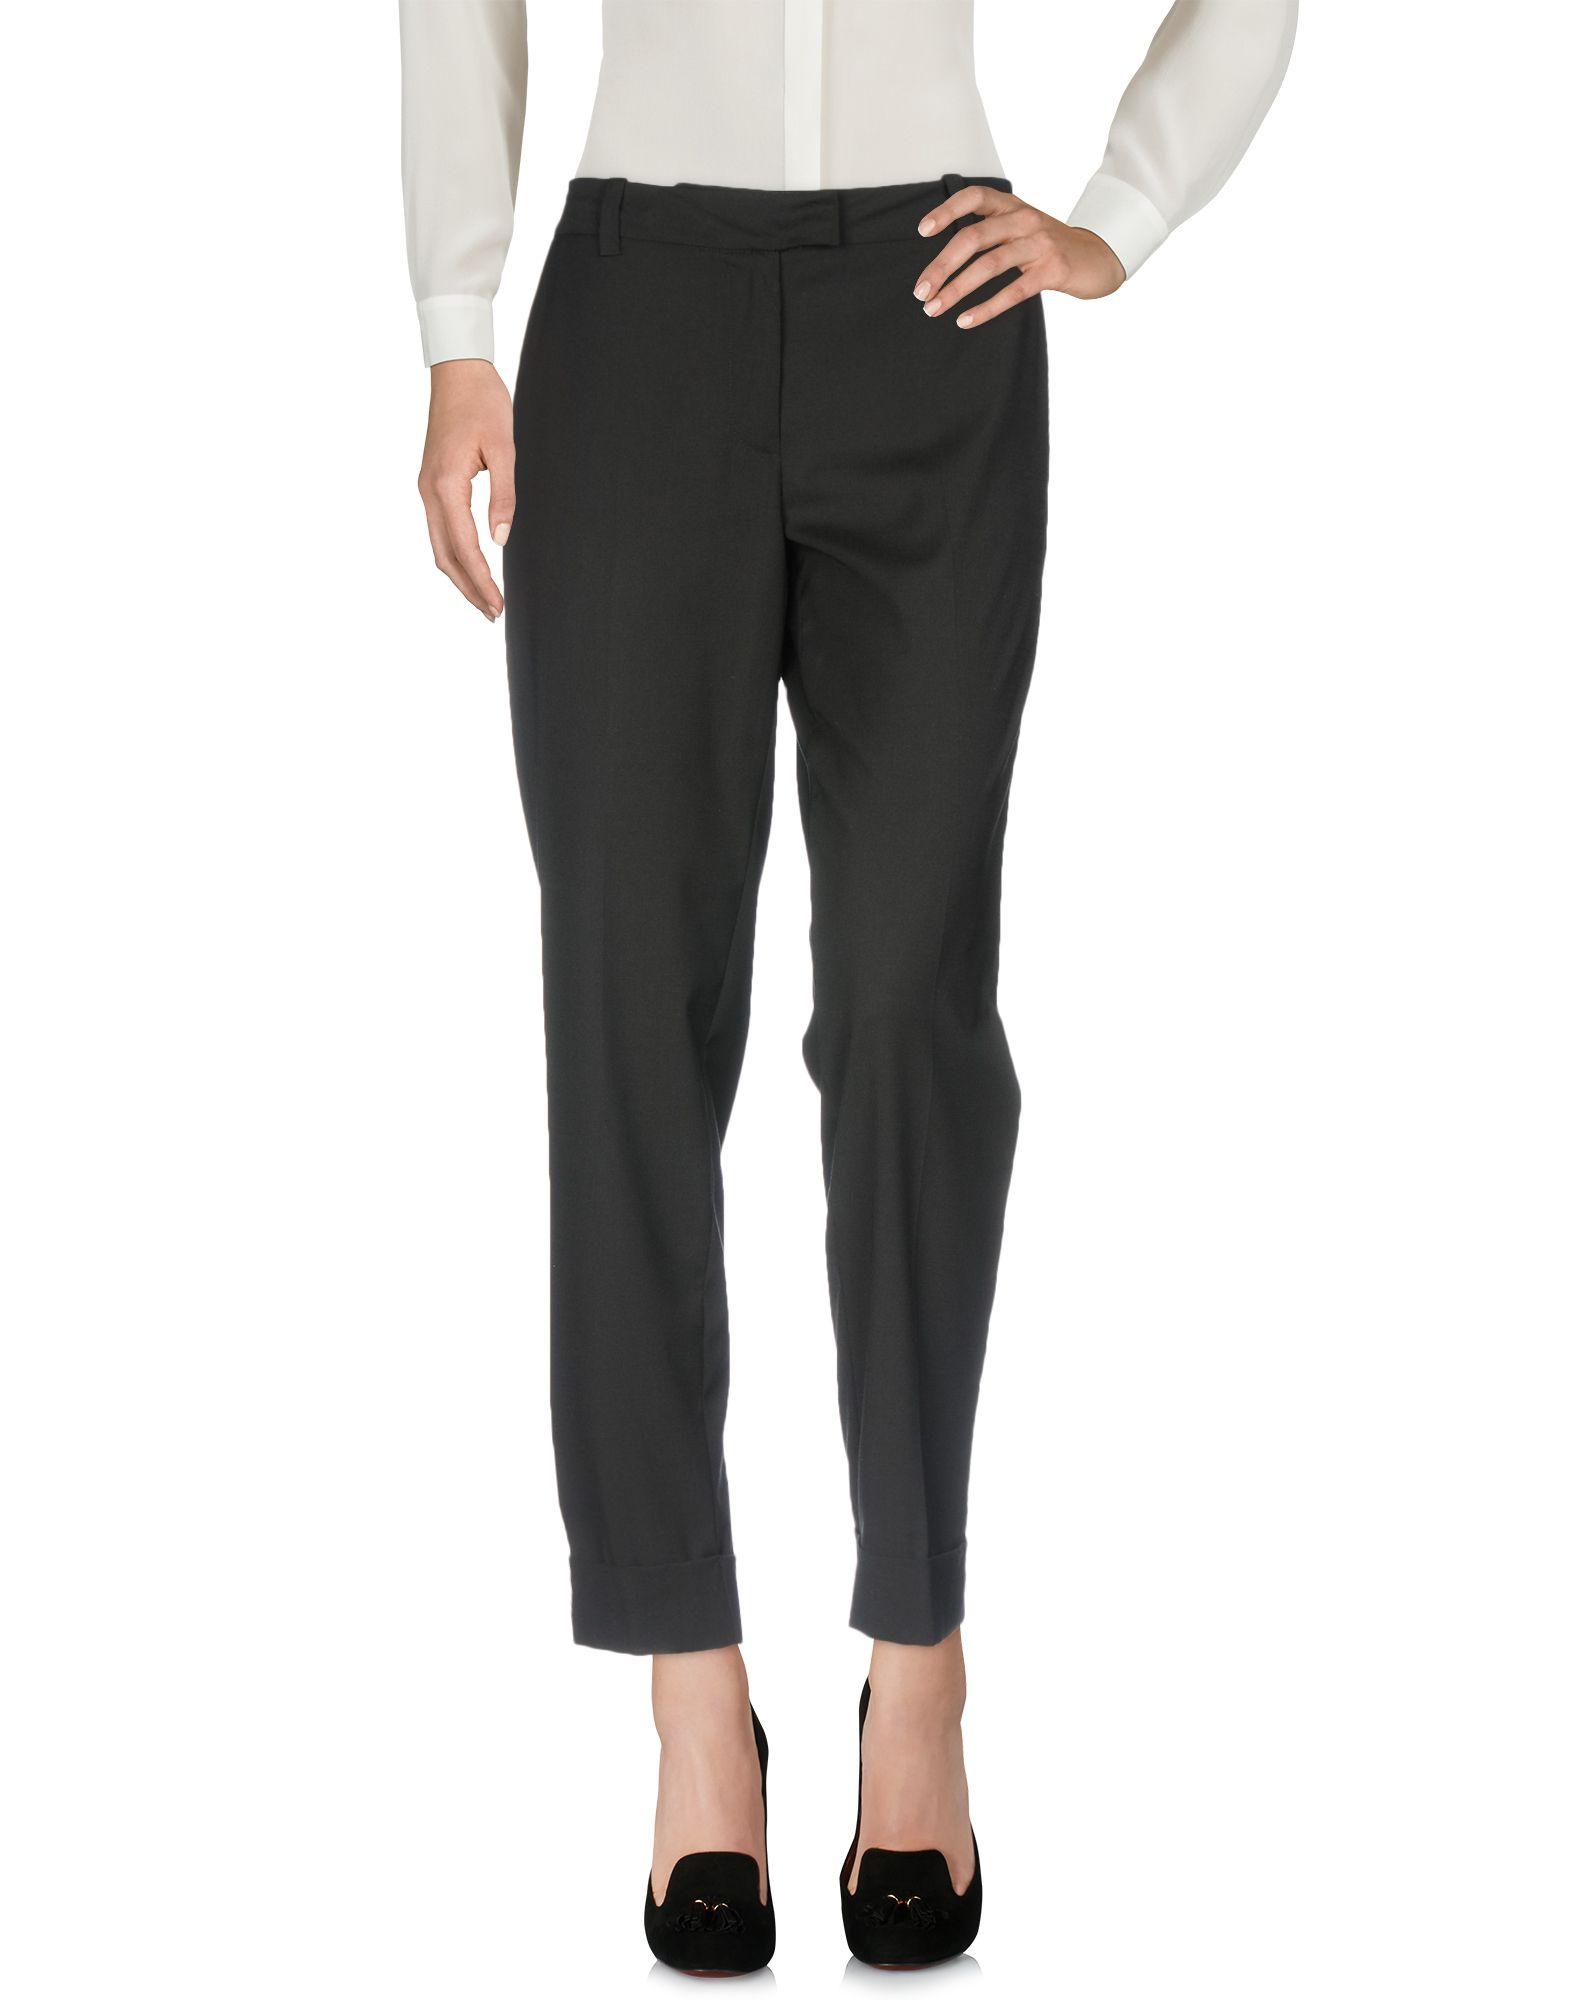 Pantalone Malloni Donna - Acquista online su 0fwHiOyUw